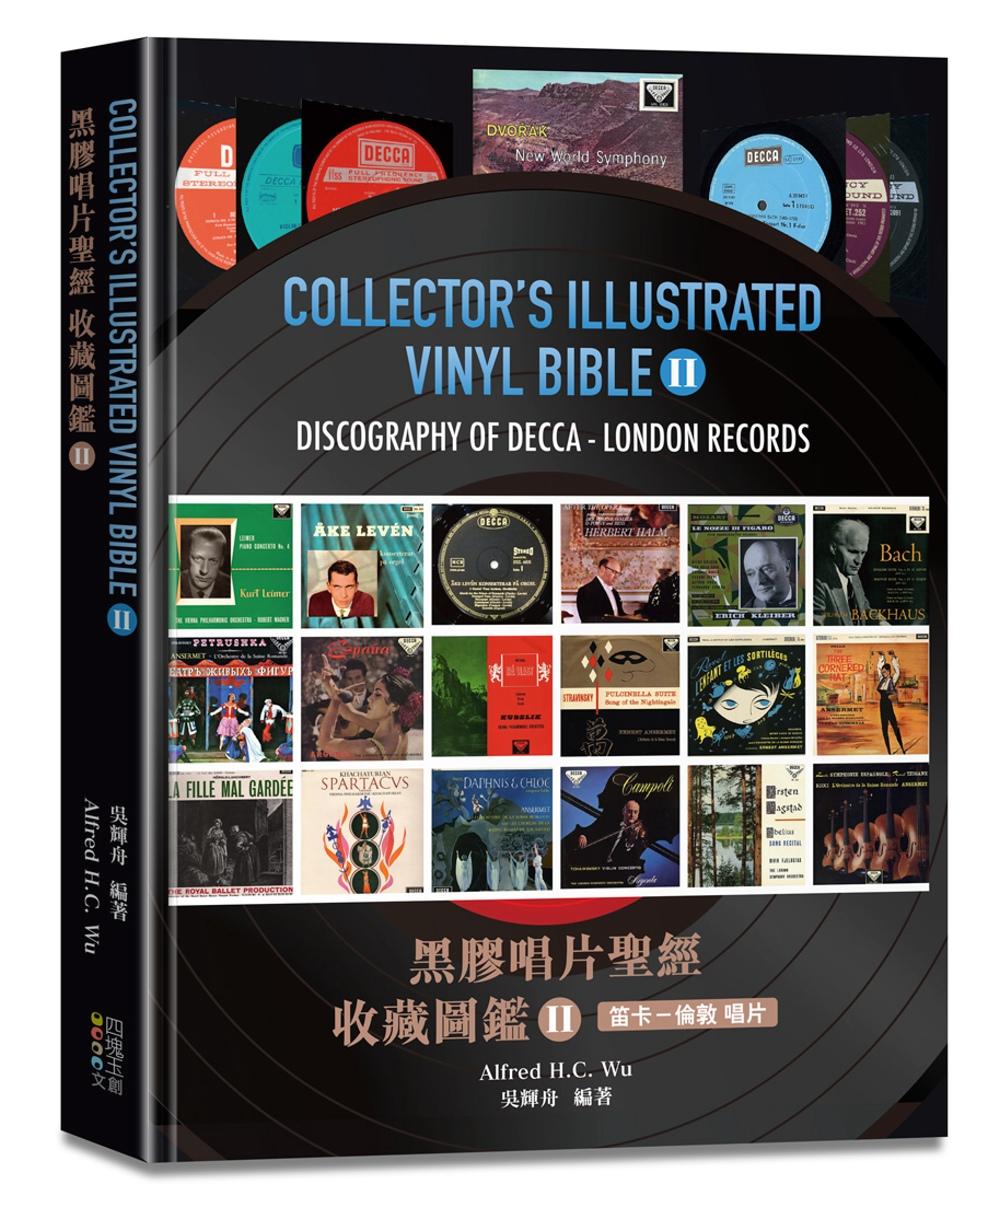 黑膠唱片聖經收藏圖鑑 (II):笛卡-倫敦 唱片